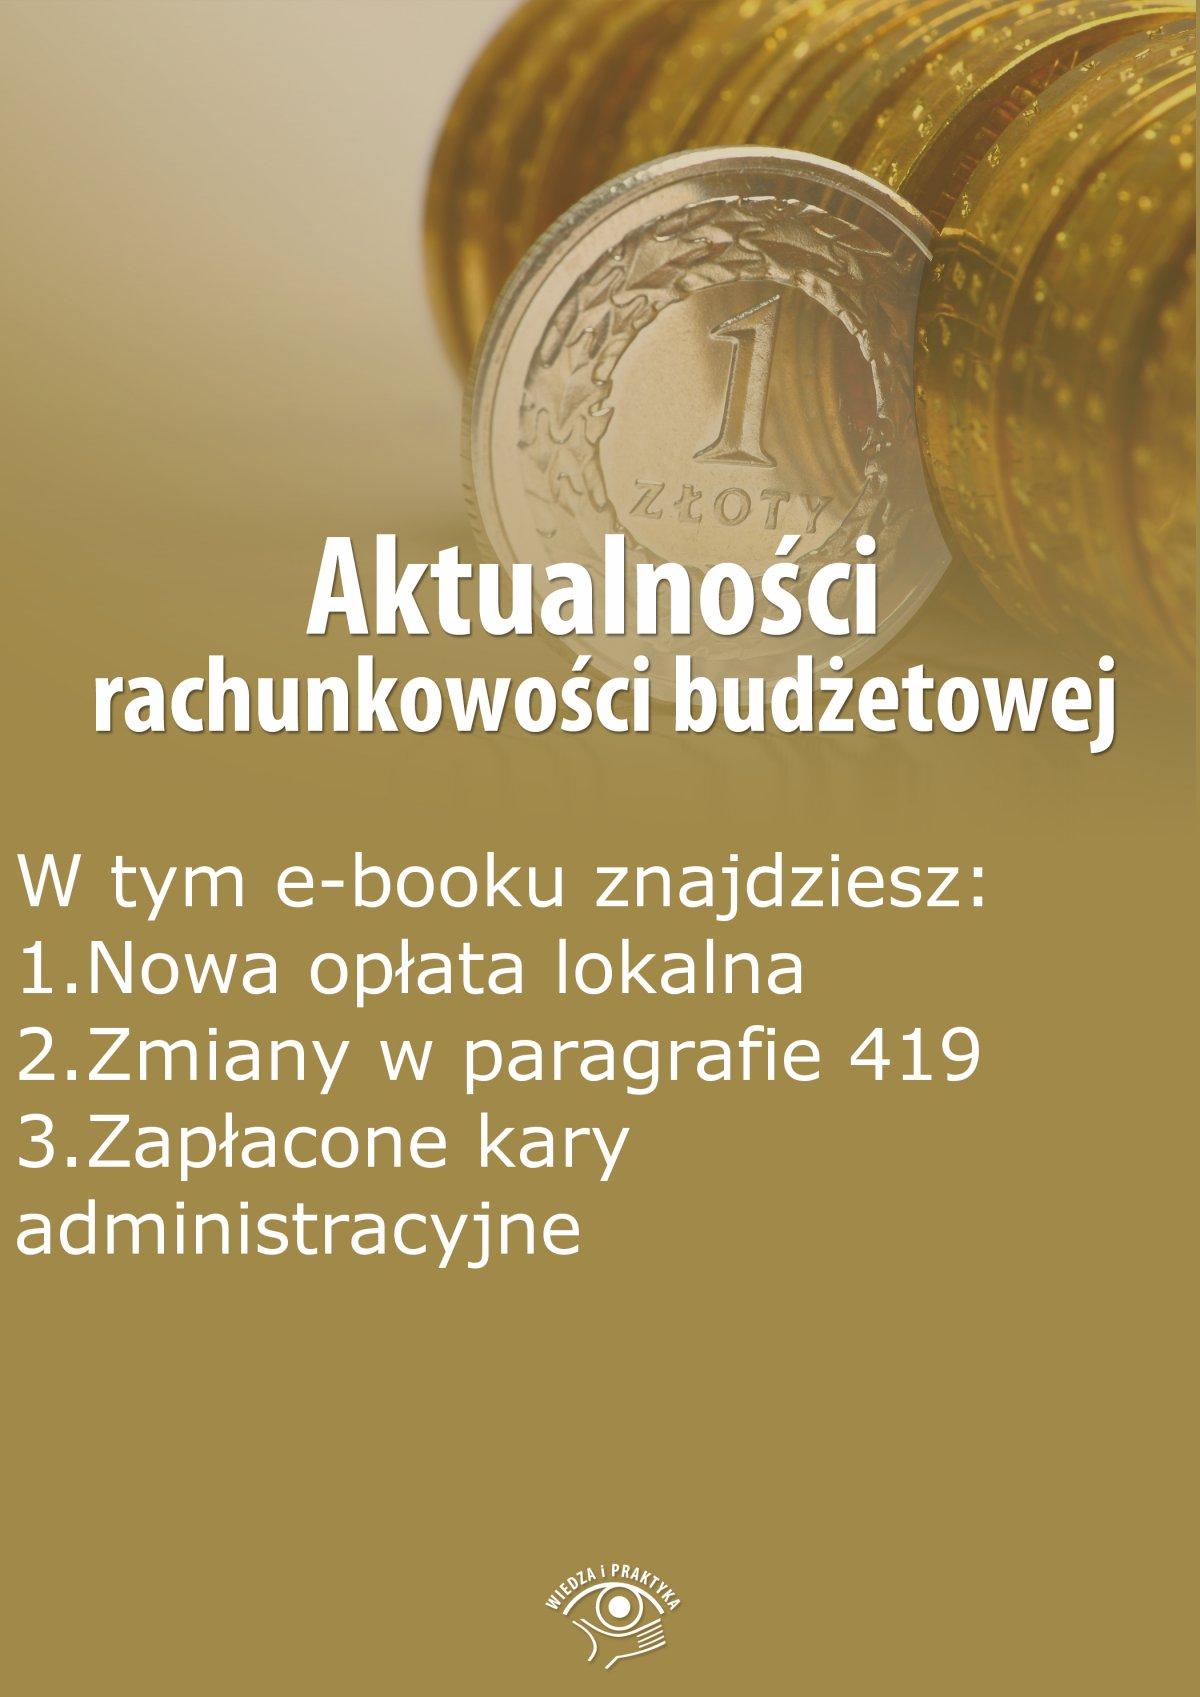 Aktualności rachunkowości budżetowej, wydanie wrzesień 2015 r. - Ebook (Książka EPUB) do pobrania w formacie EPUB